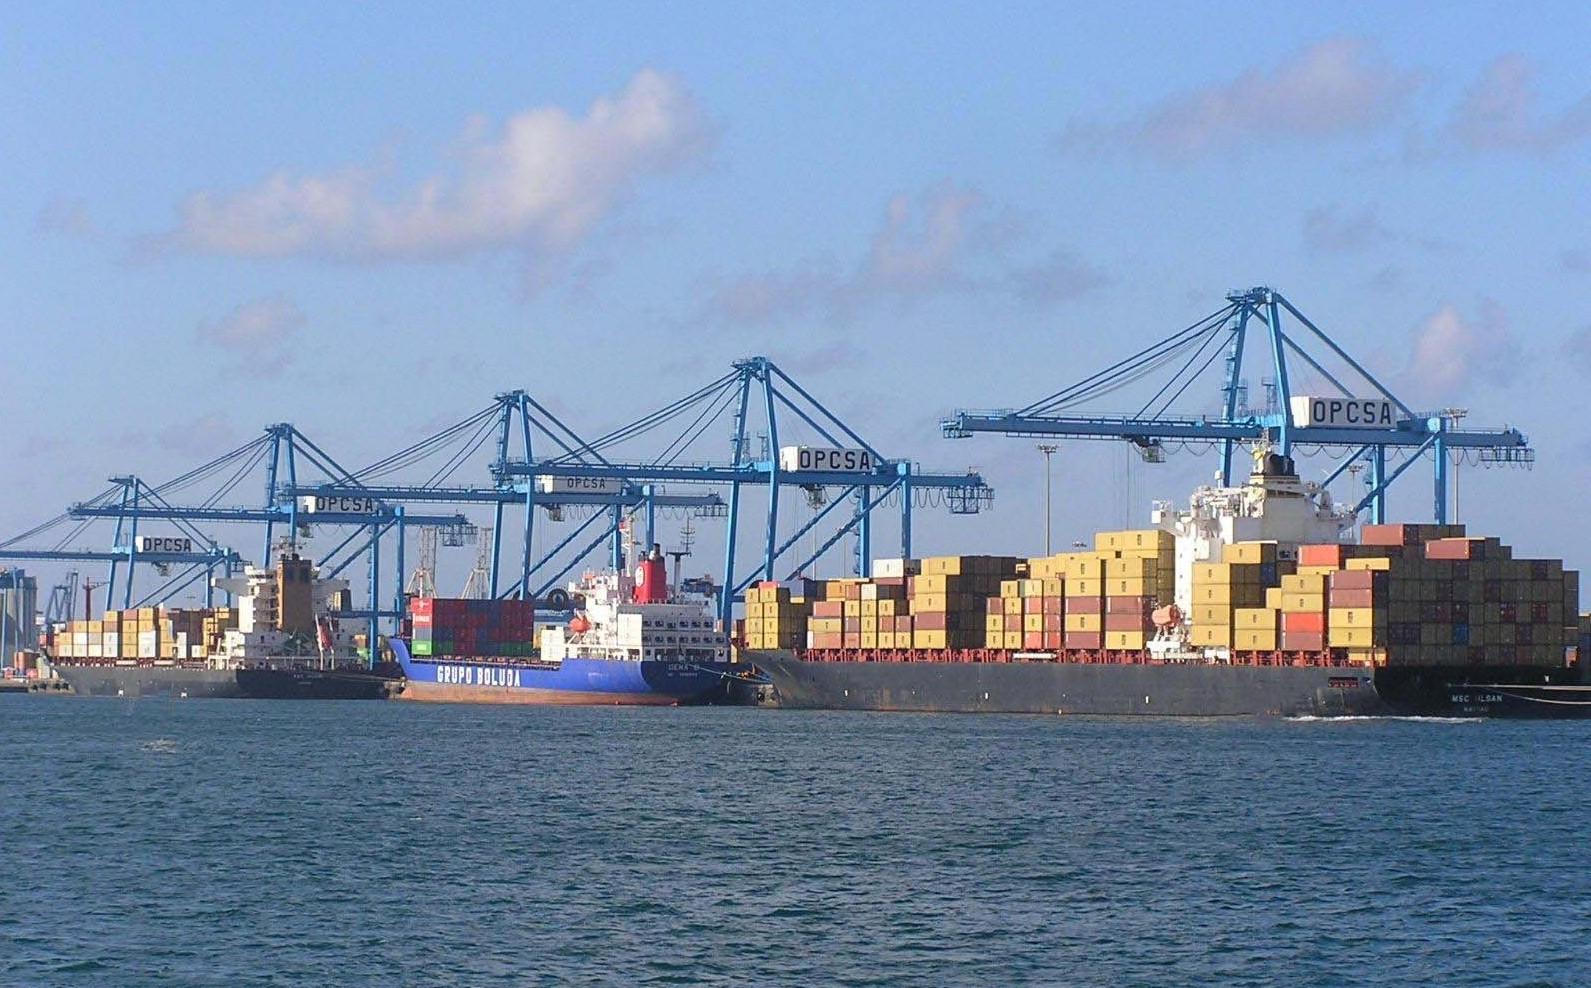 Puerto de Las Palmas - OPCSA